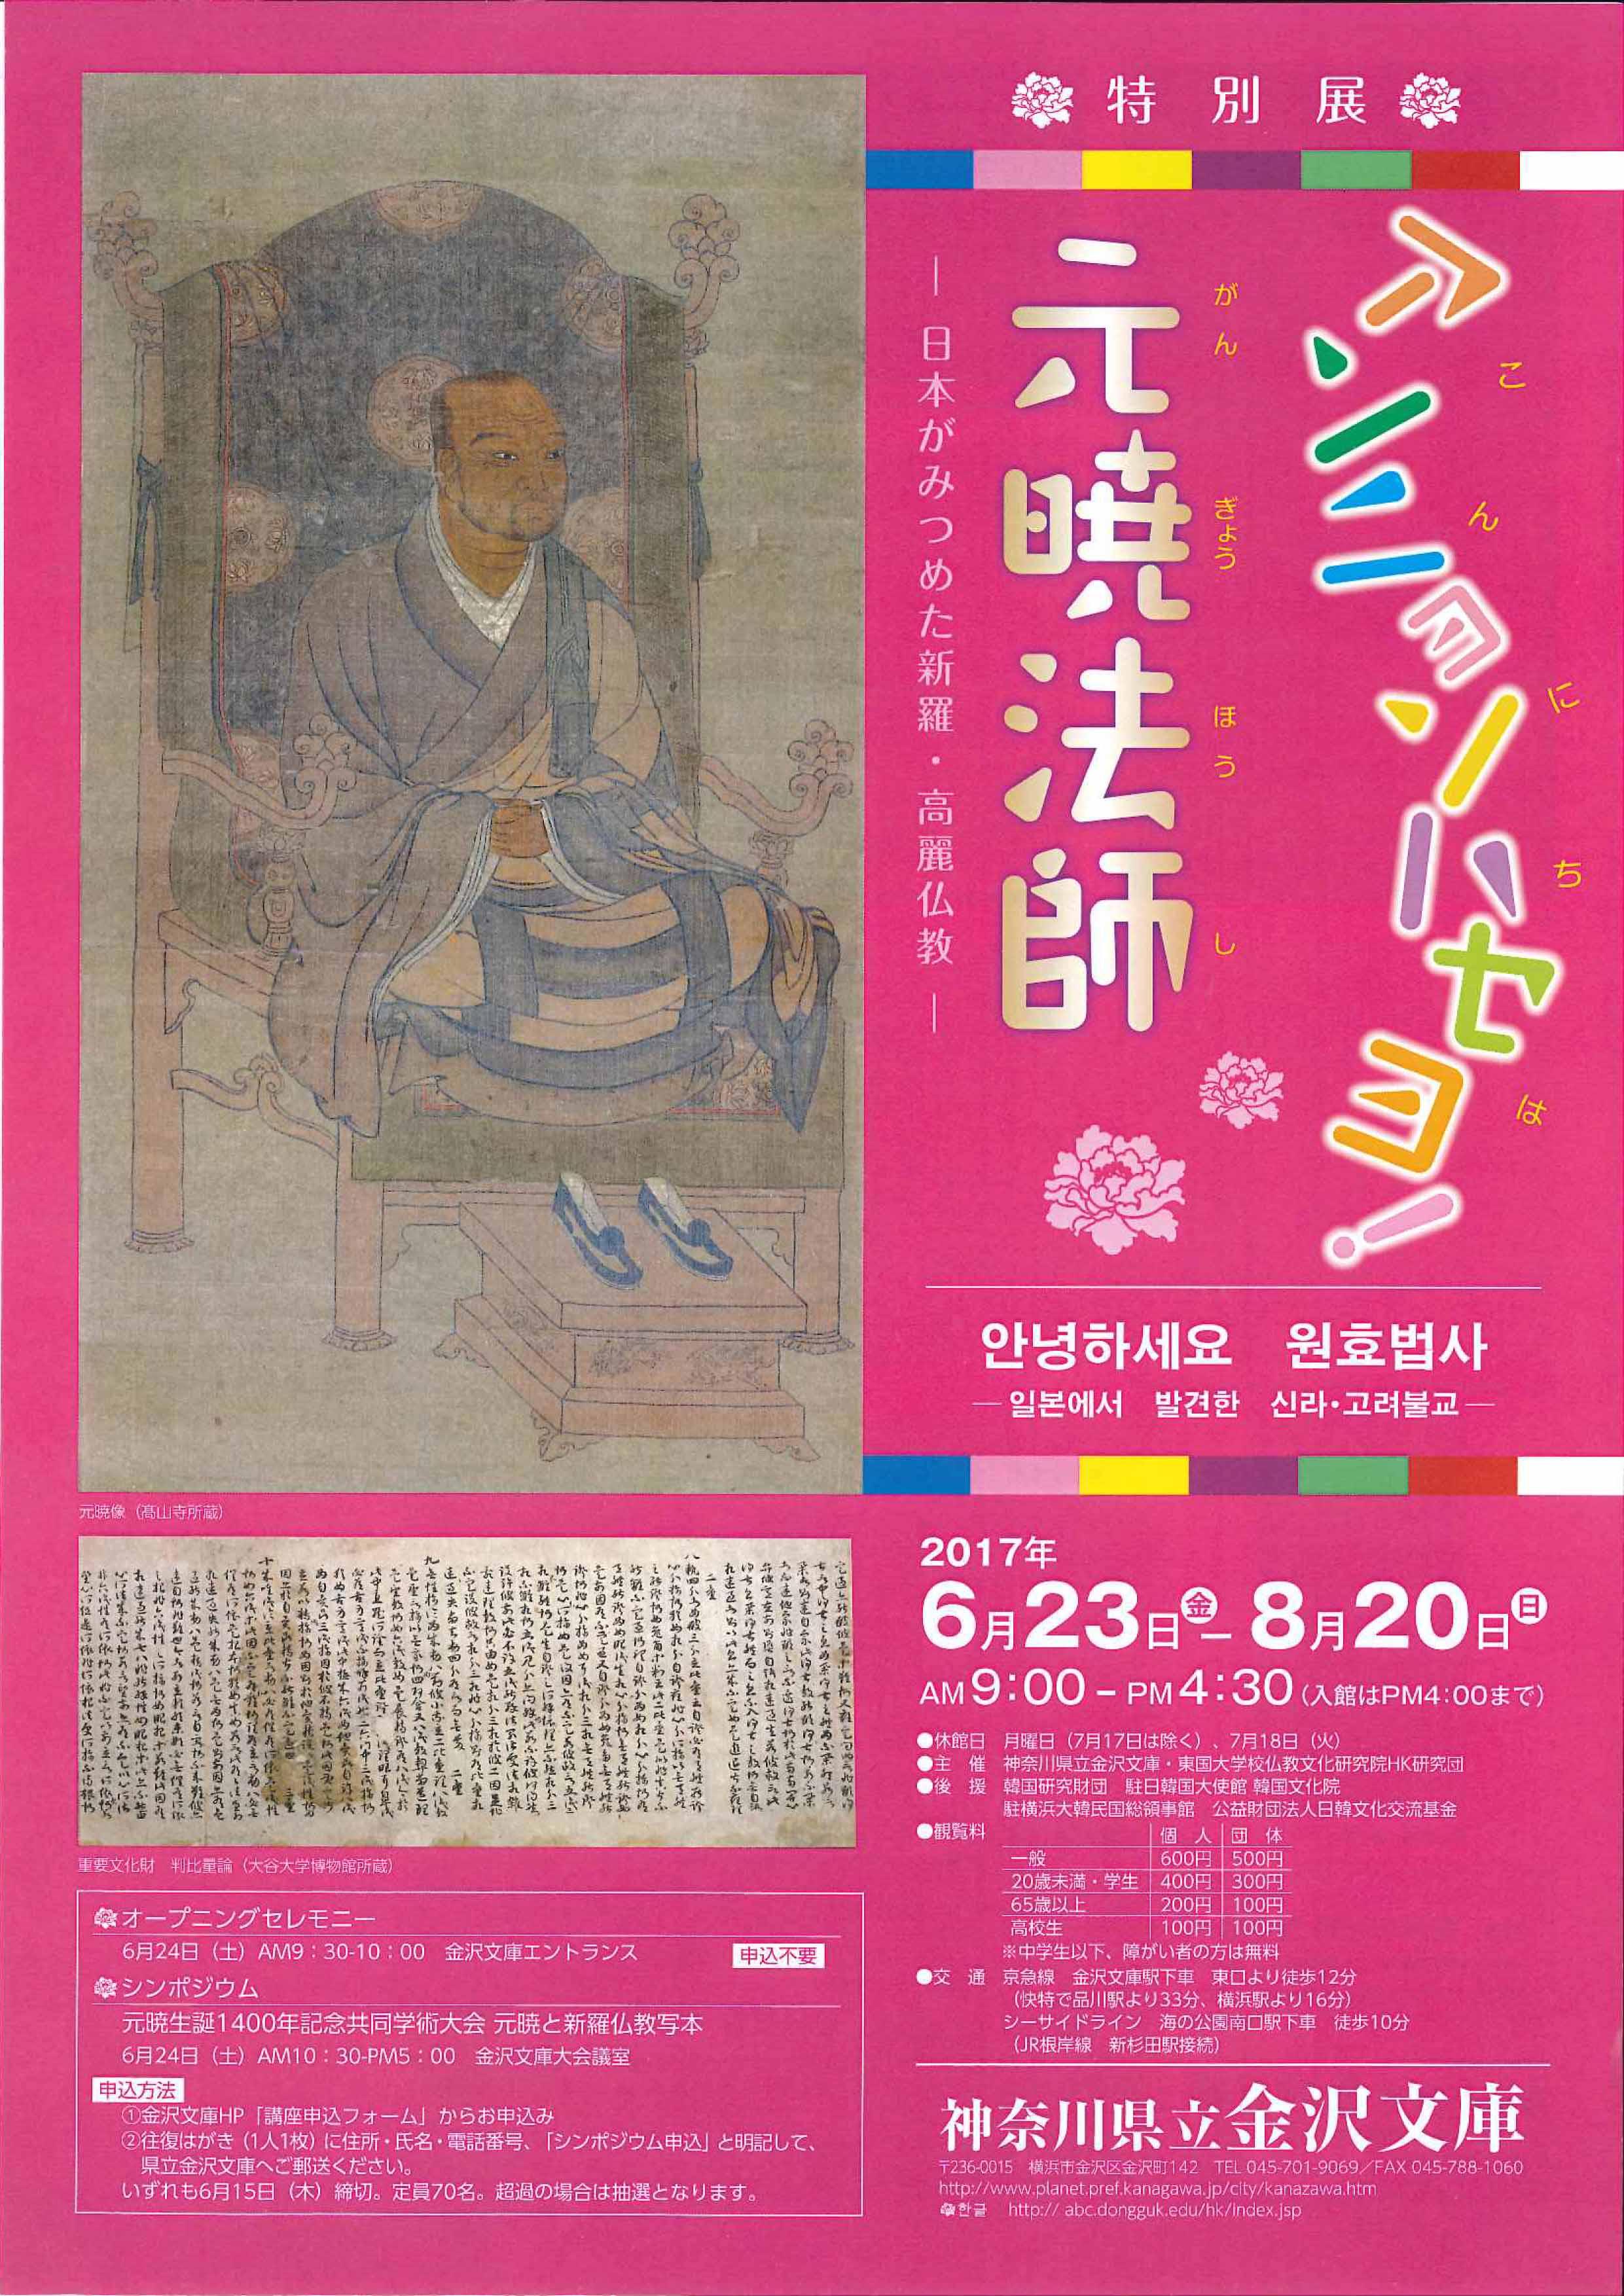 特別展 アンニョンハセヨ!元暁法師-日本がみつめた新羅・高麗仏教-